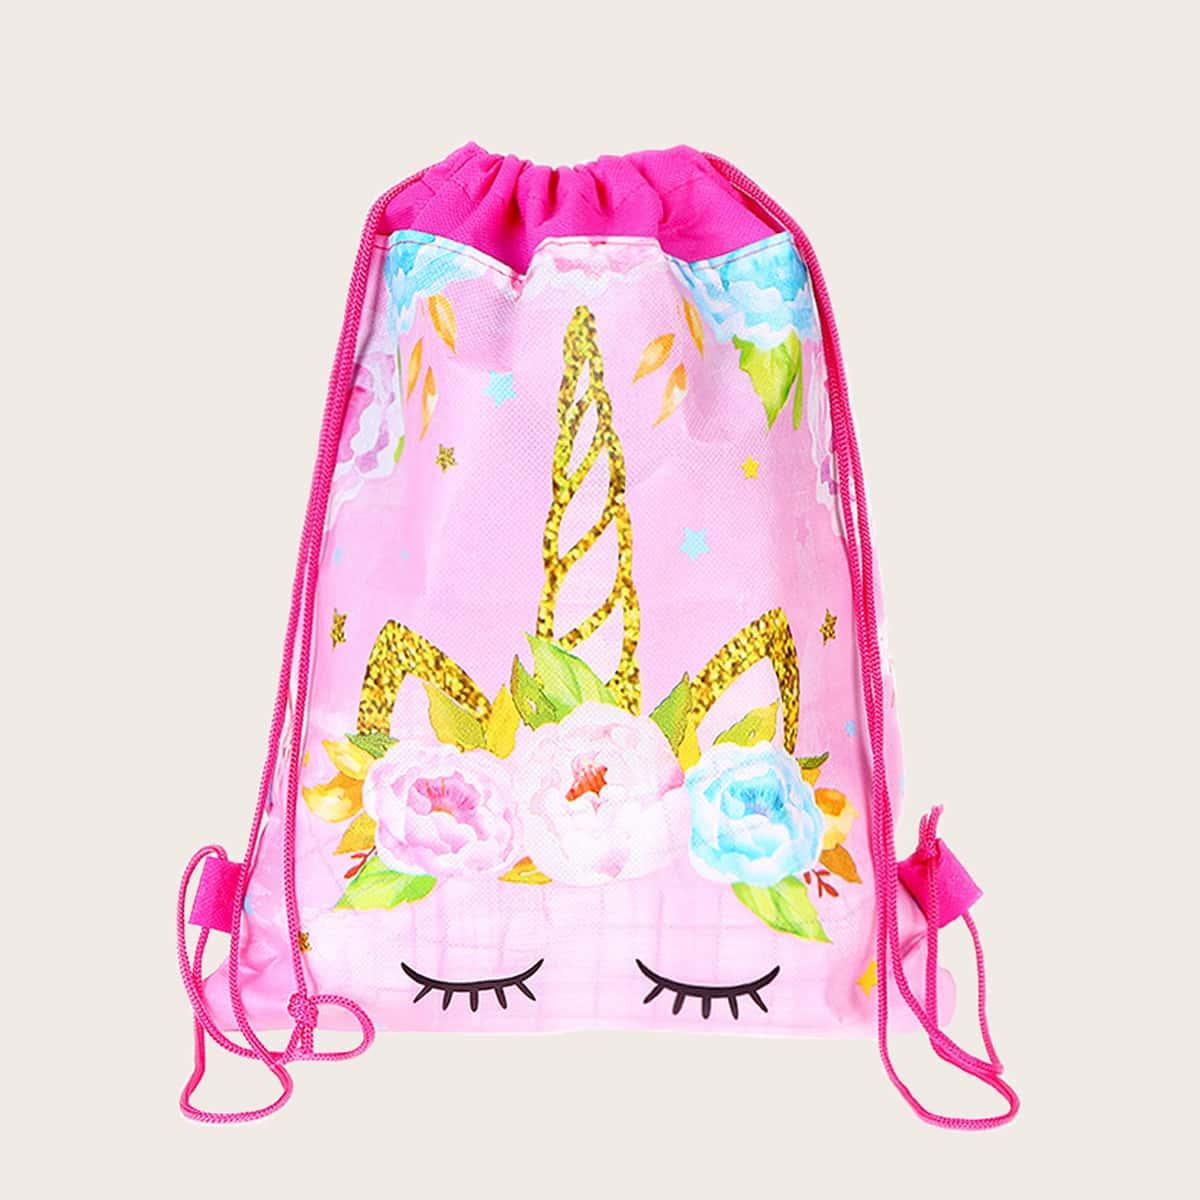 Рюкзак на кулиске с узором единорога для девочек SheIn skbag18201229106